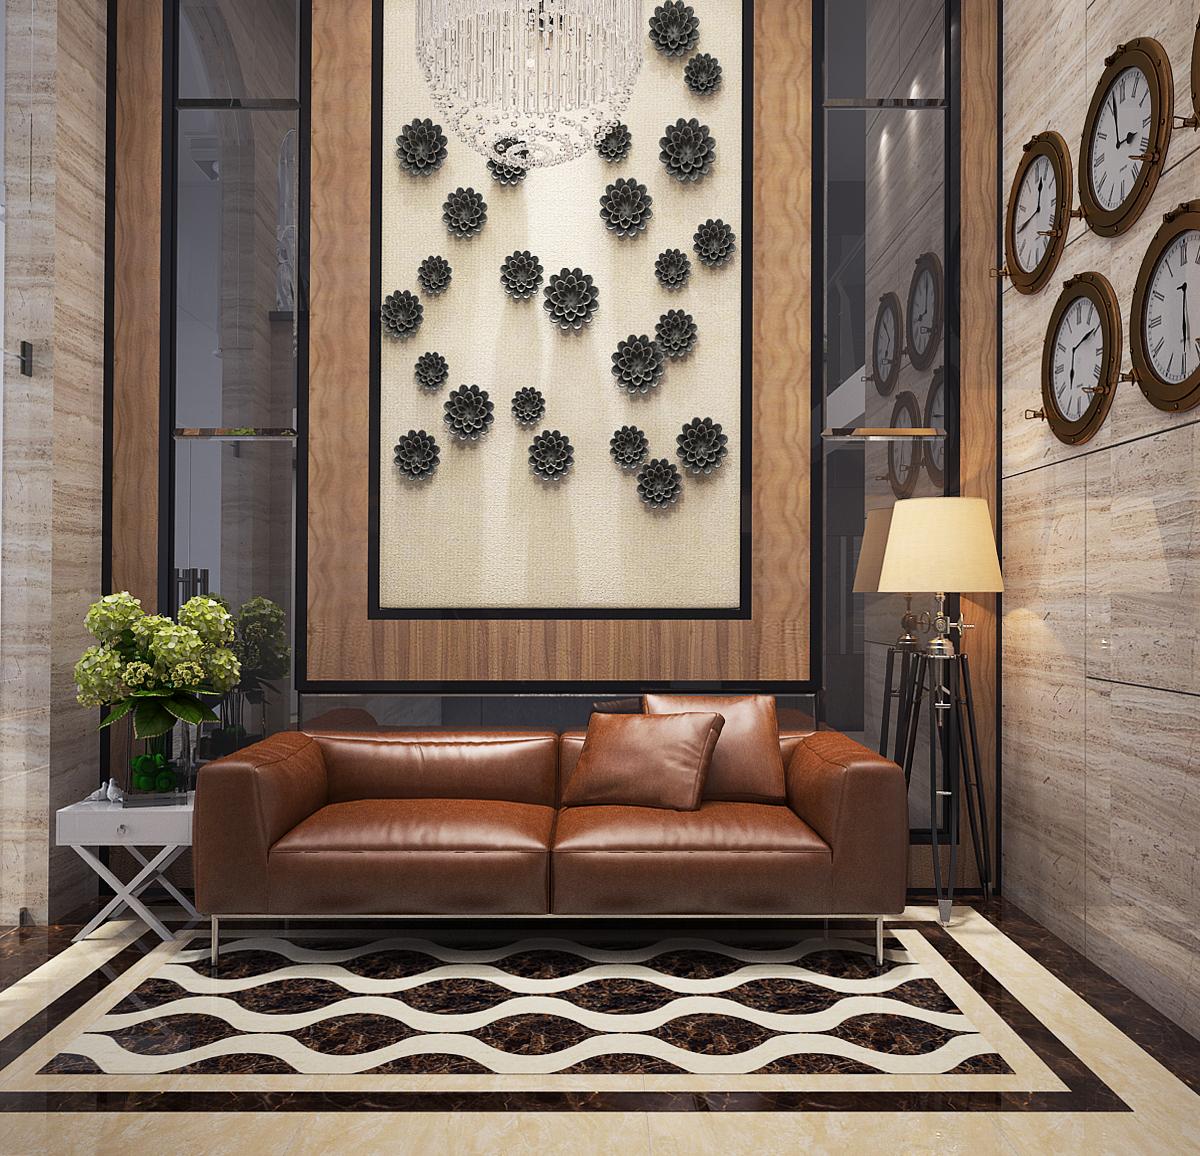 SANH 2 Dấu ấn thiết kế nội thất khách sạn sang trọng độc đáo nhất   NTKS020814A